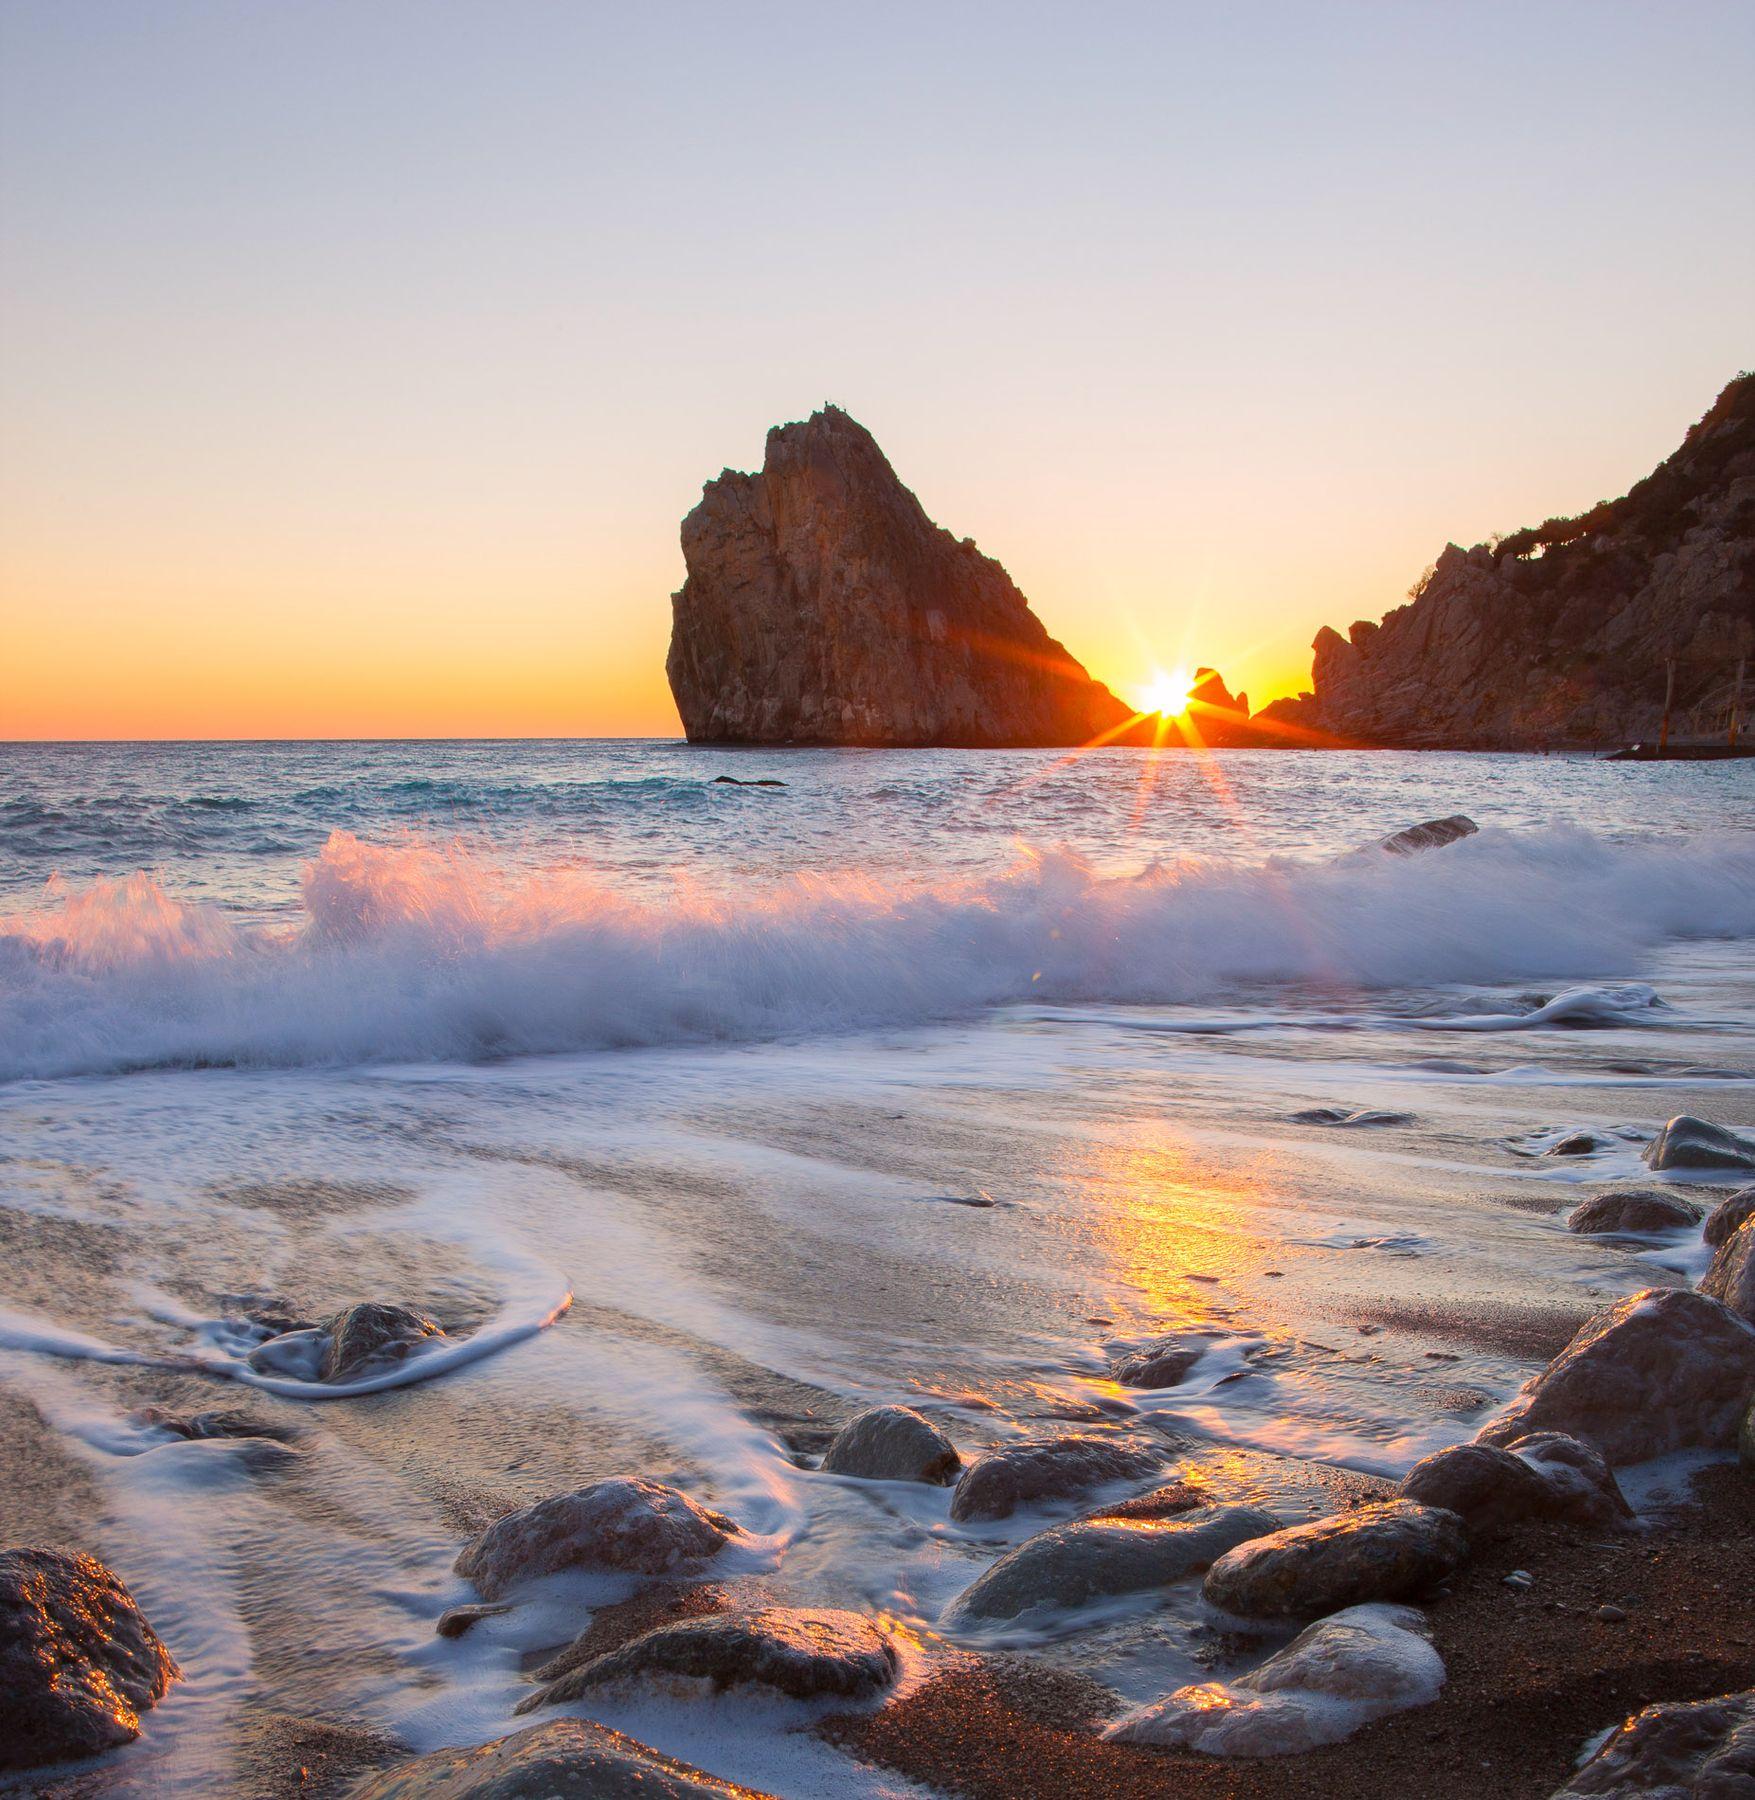 Скала Дива Симеиз Скала Дива Ялта Крым Черное море волна пляж шторм фотограф